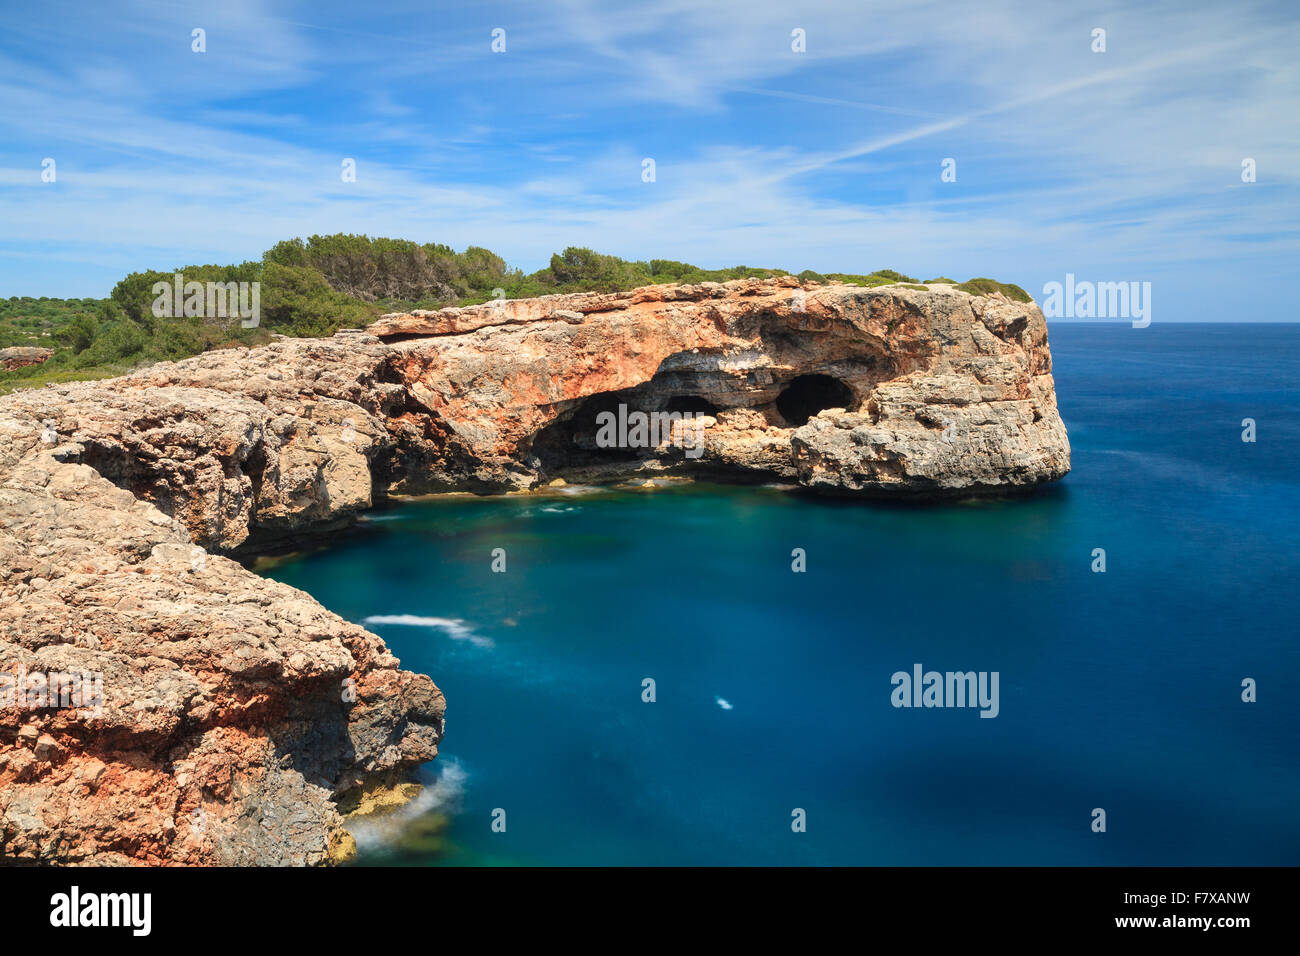 Coast at Cala Sa Nau - Long exposure version, Mallorca, Spain - Stock Image